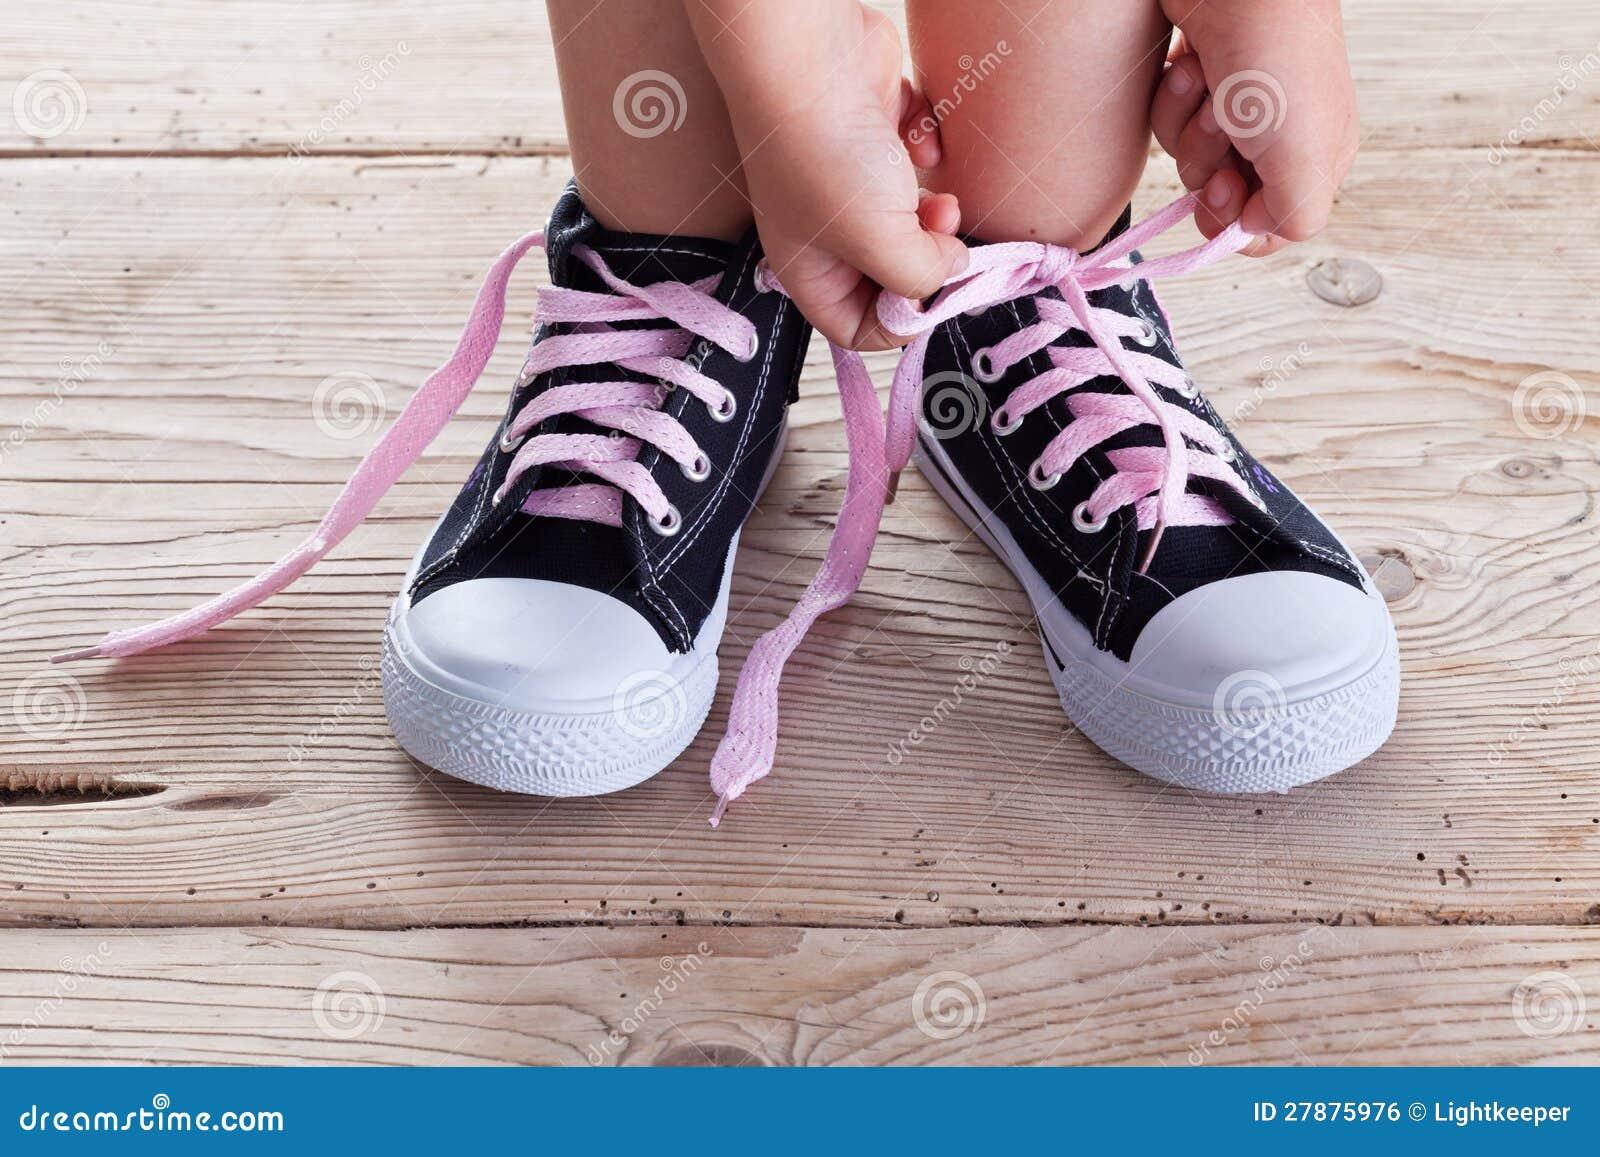 Child hands tie up shoe laces